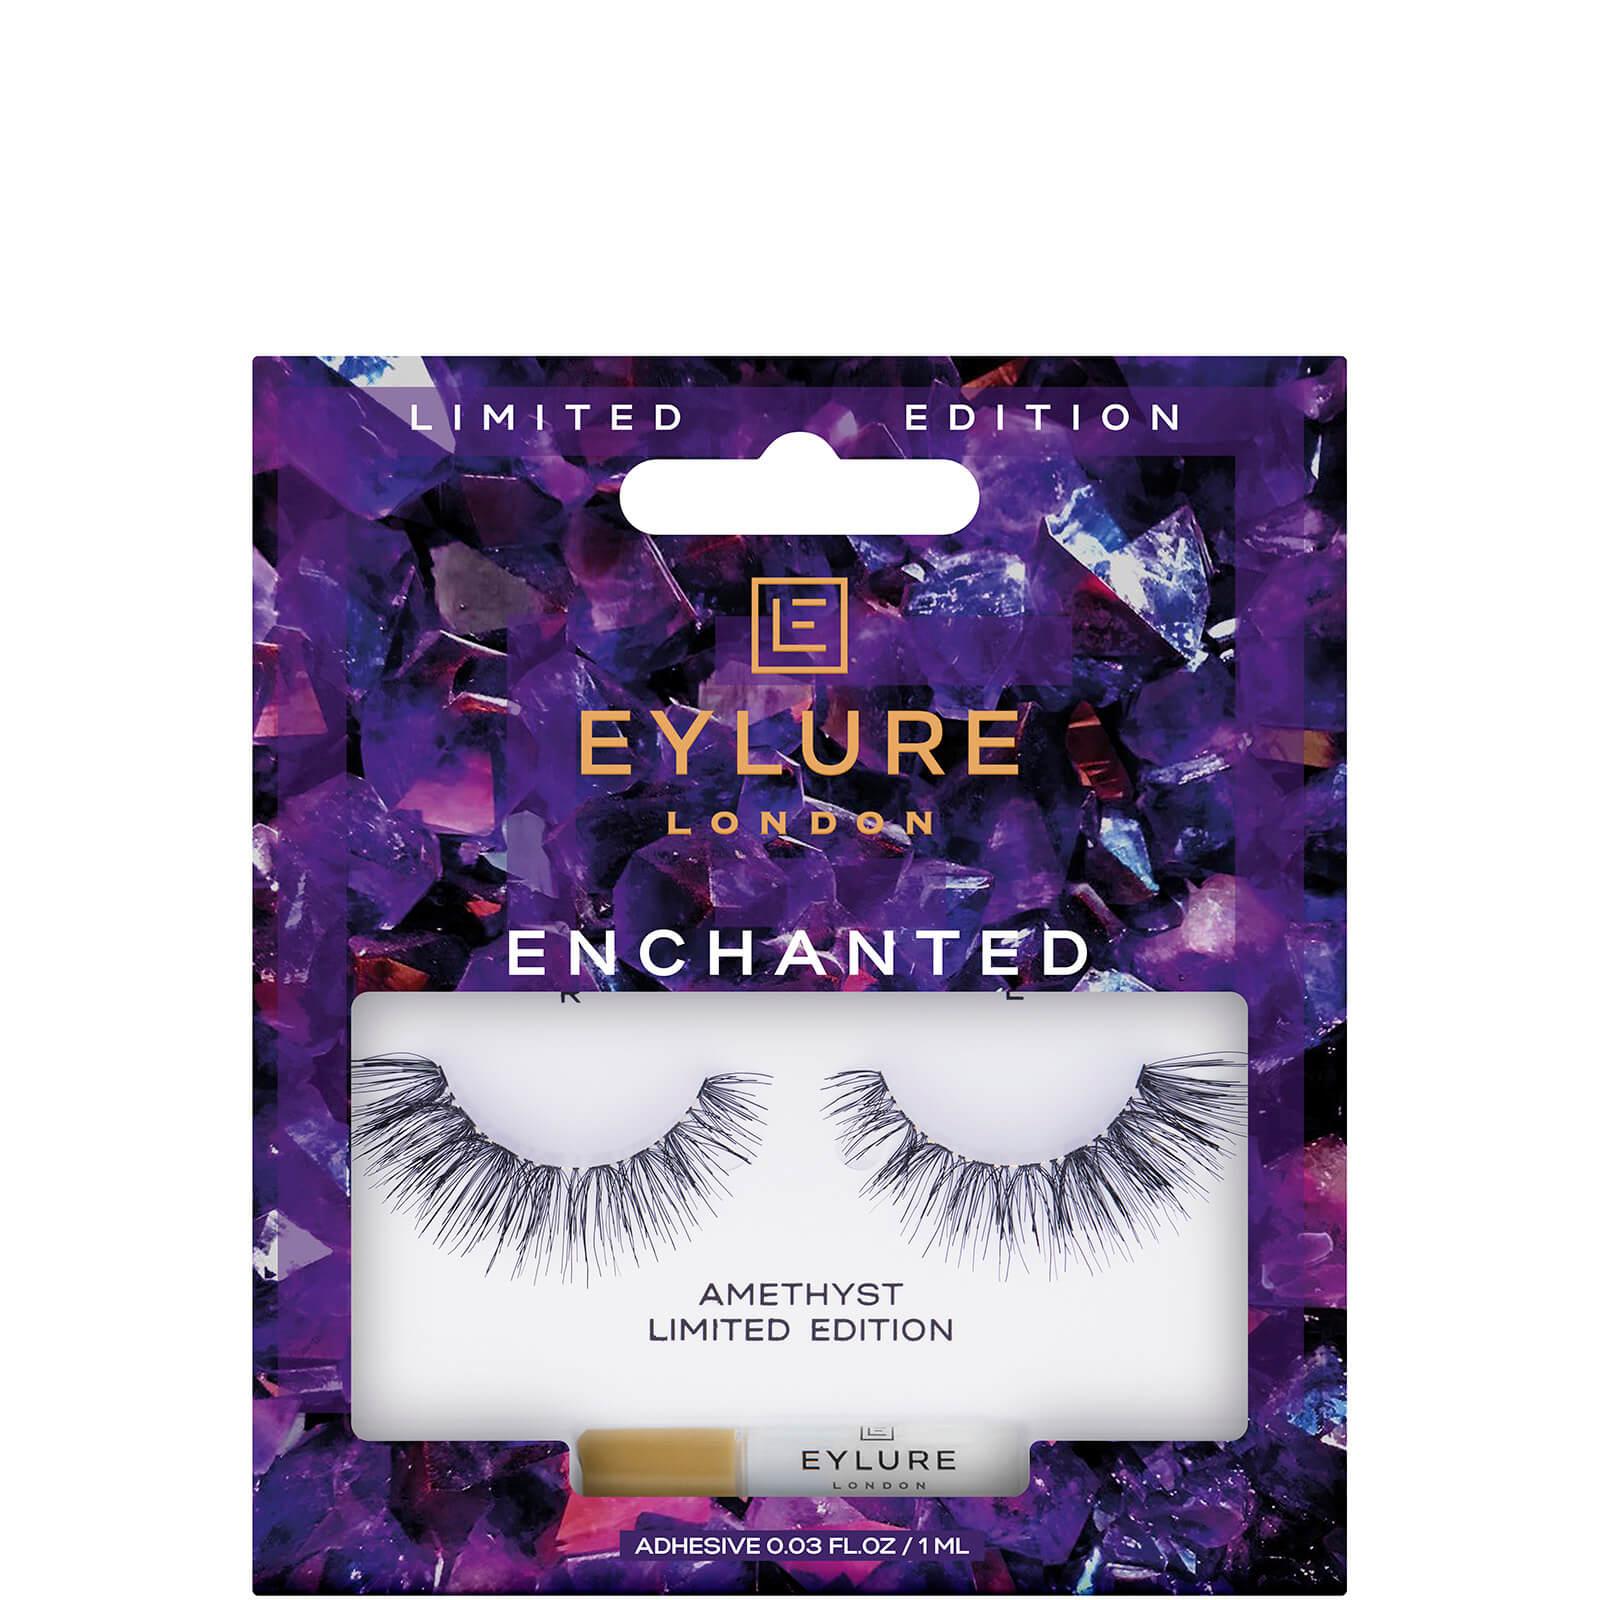 Купить Eylure Enchanted Lash - Amethyst